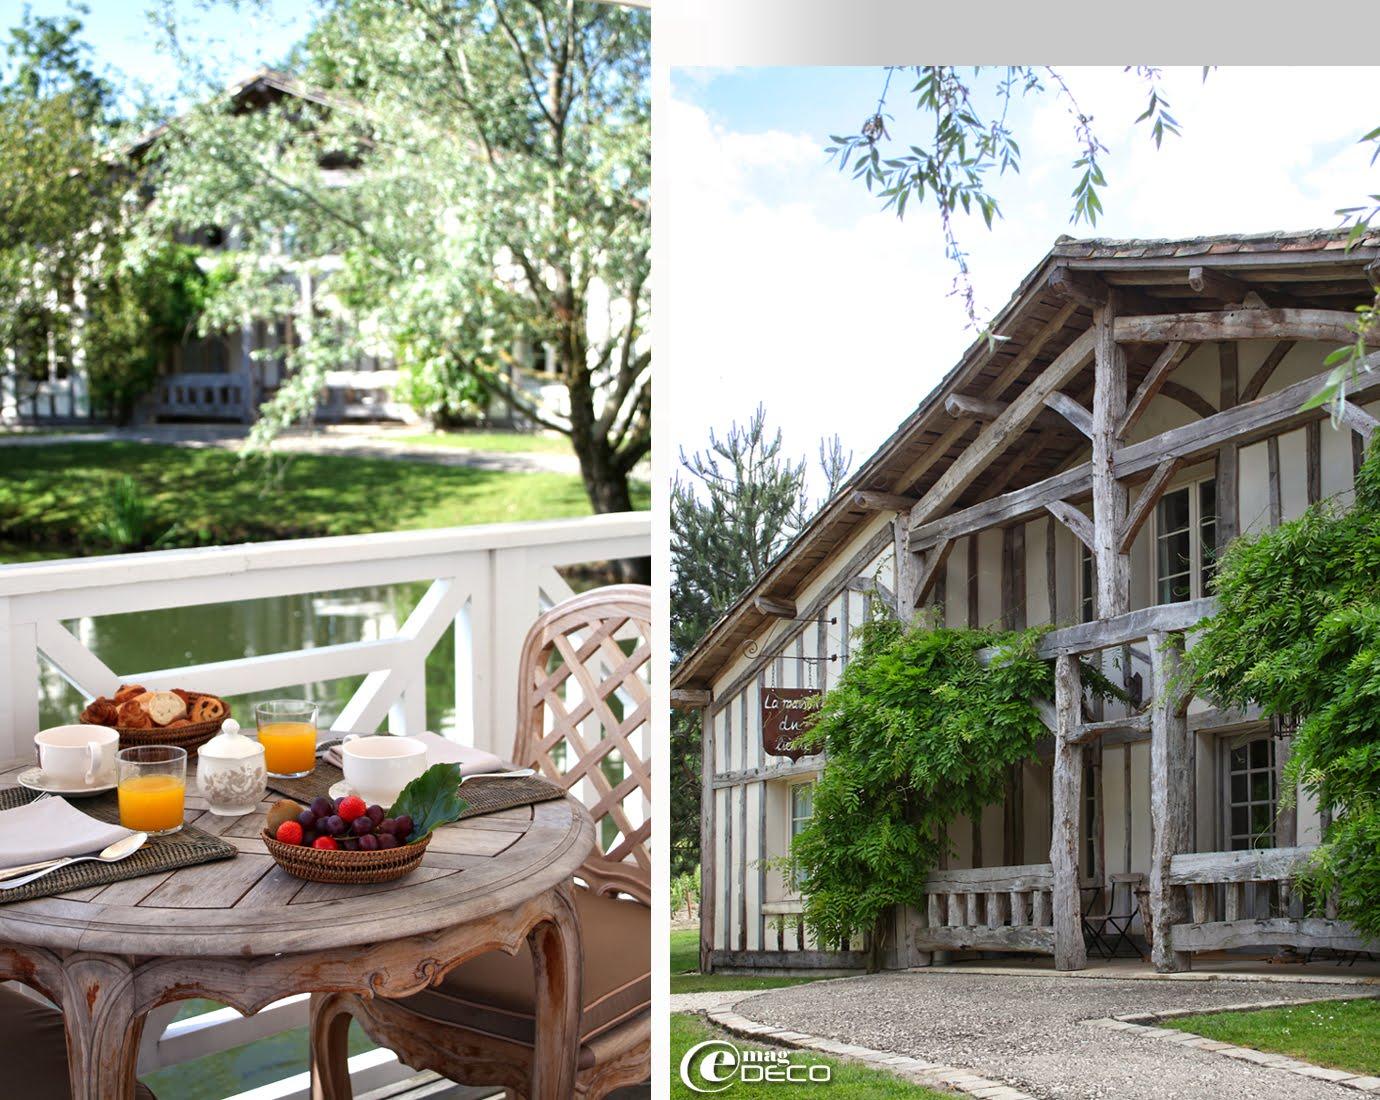 Un petit-déjeuner servi sur la terrasse du restaurant La Grand'Vigne, Les Sources de Caudalie, établissement hôtelier près de Bordeaux